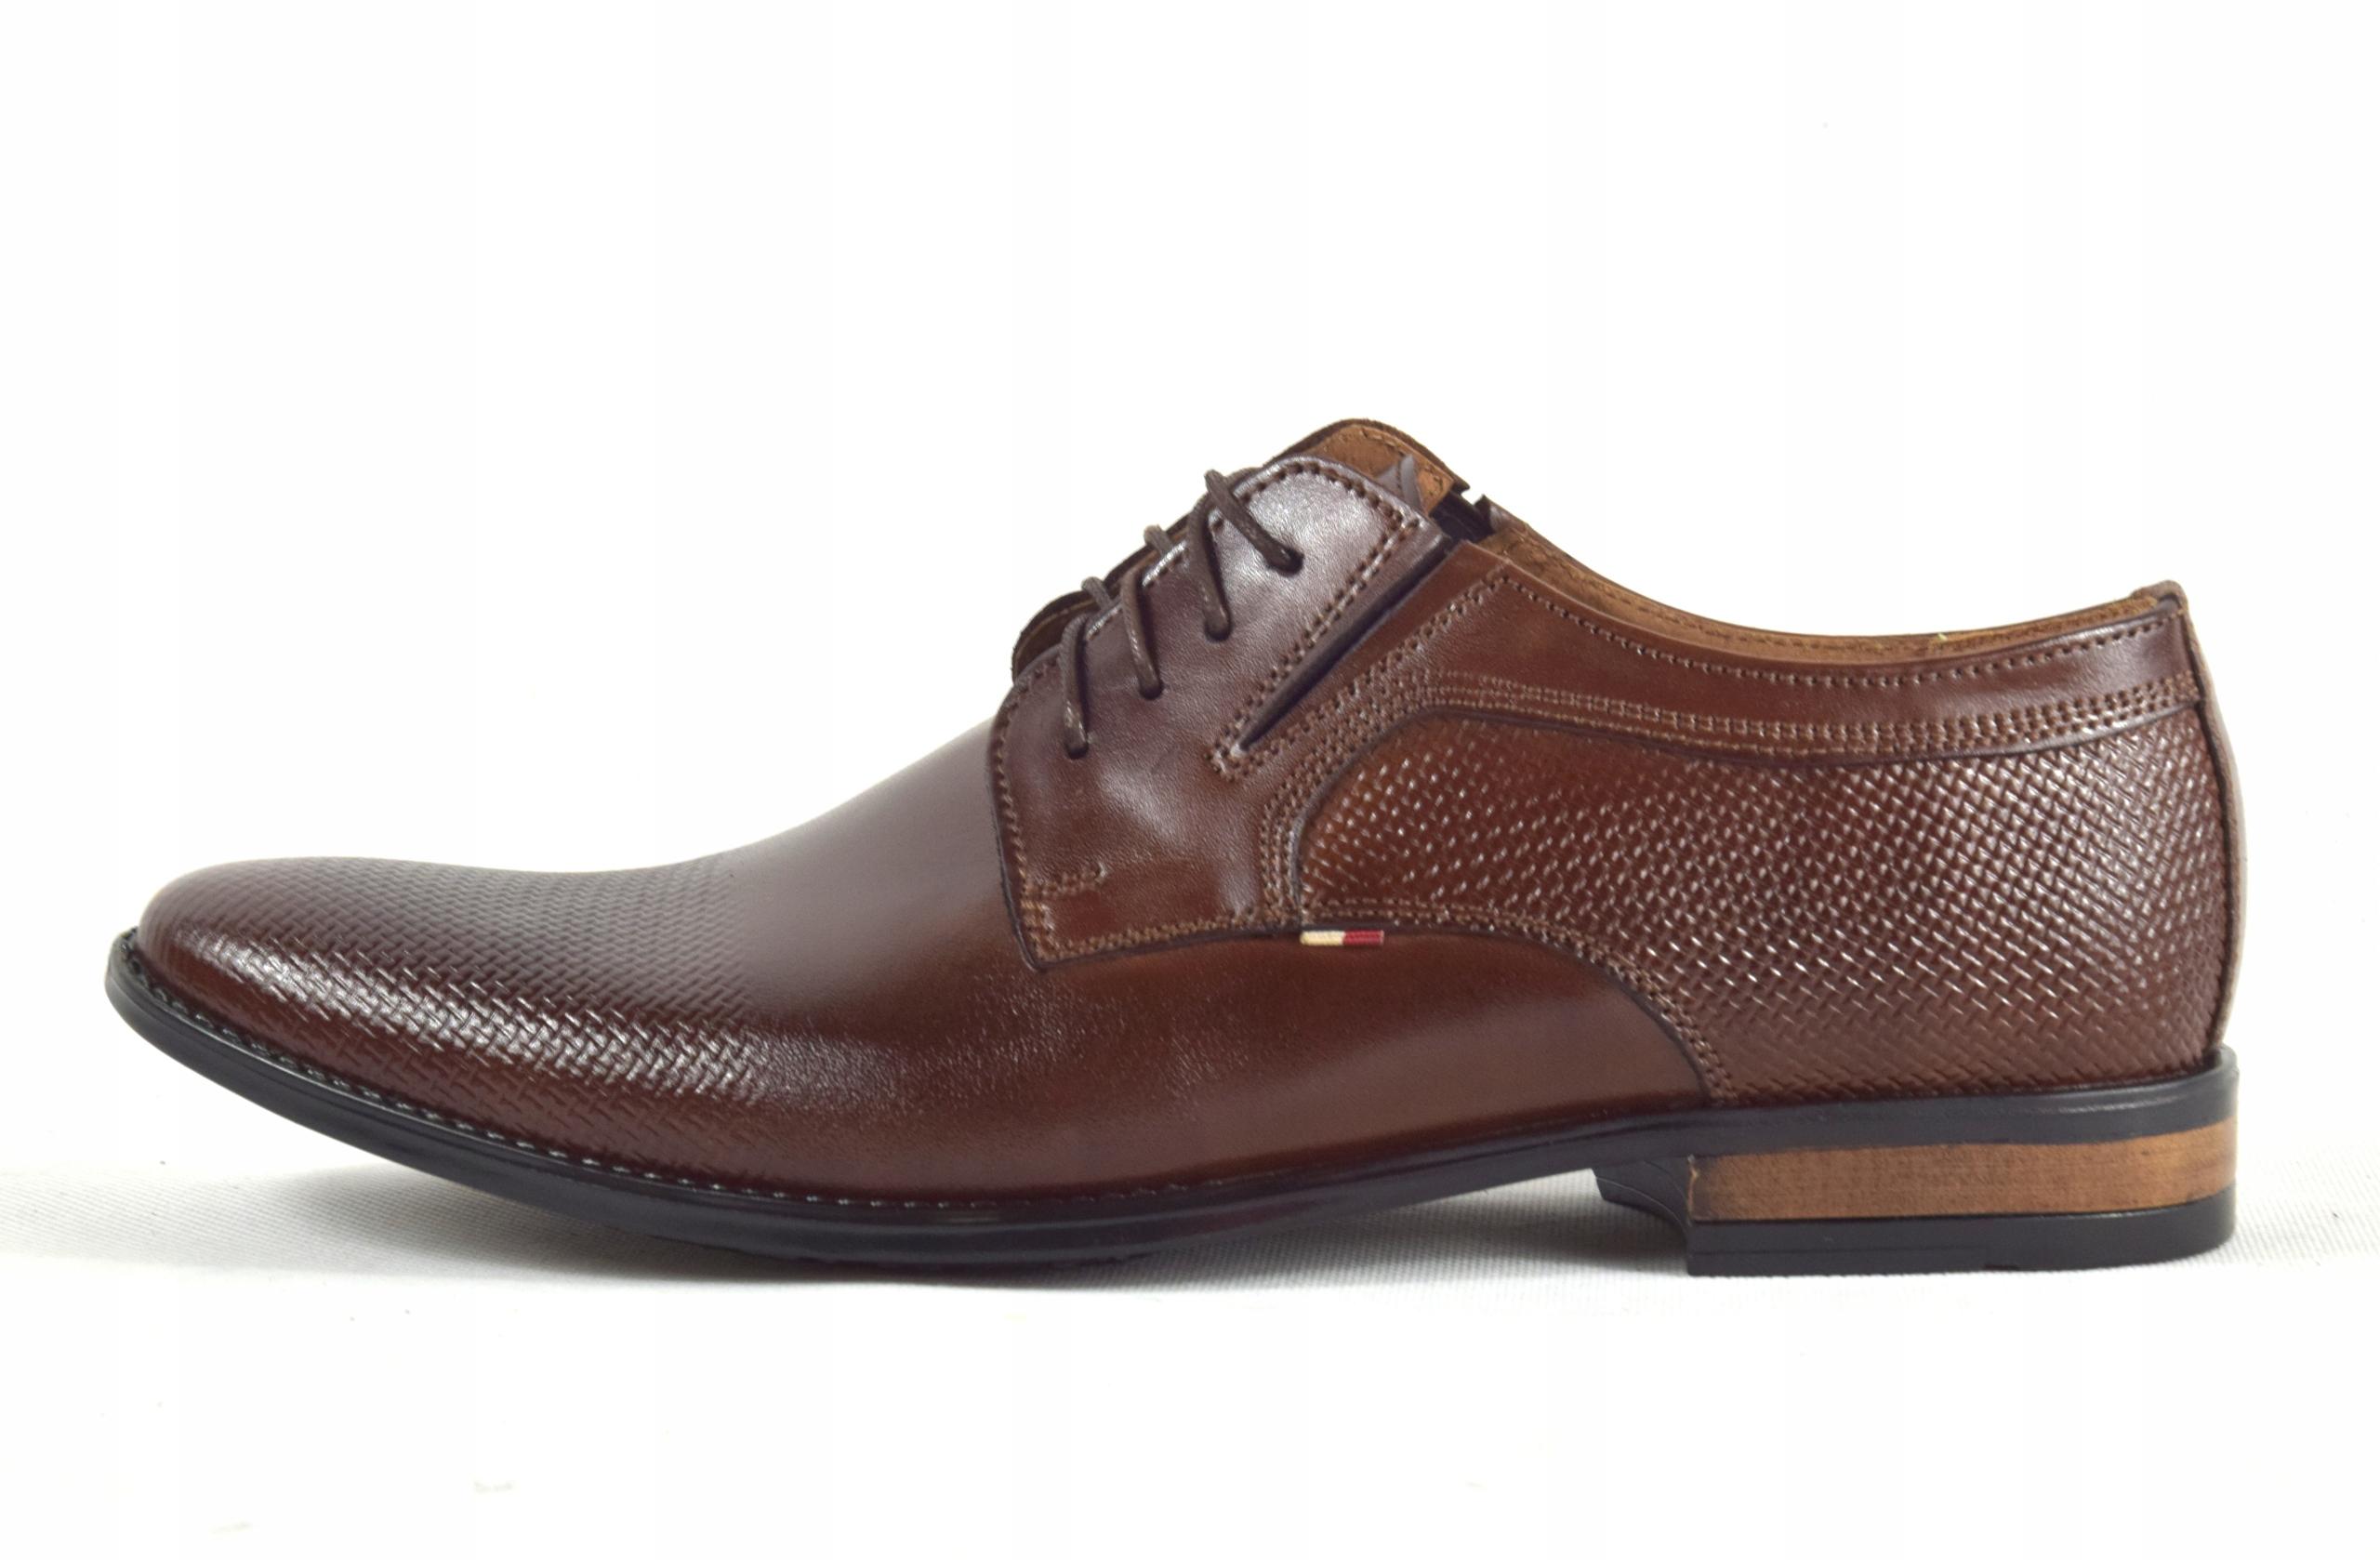 Buty męskie wizytowe skórzane brązowe obuwie 359/1 Długość wkładki 28.8 cm